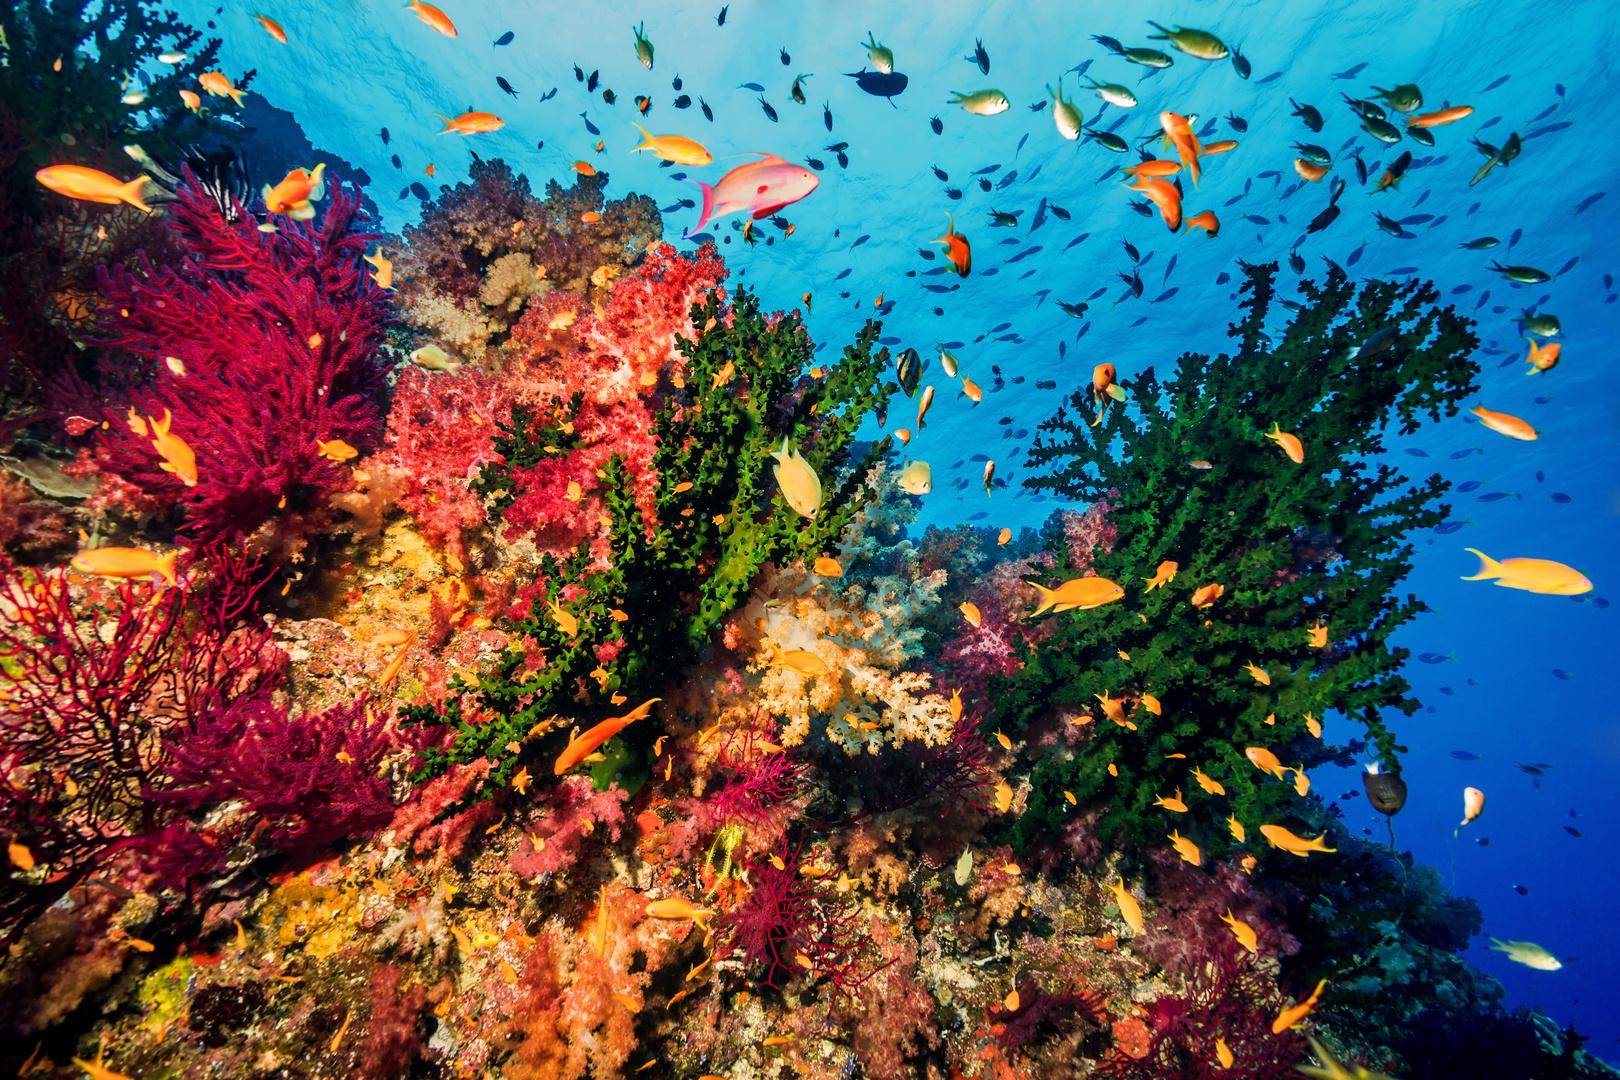 leben im riff 2 foto bild unter wasser meer natur bilder auf